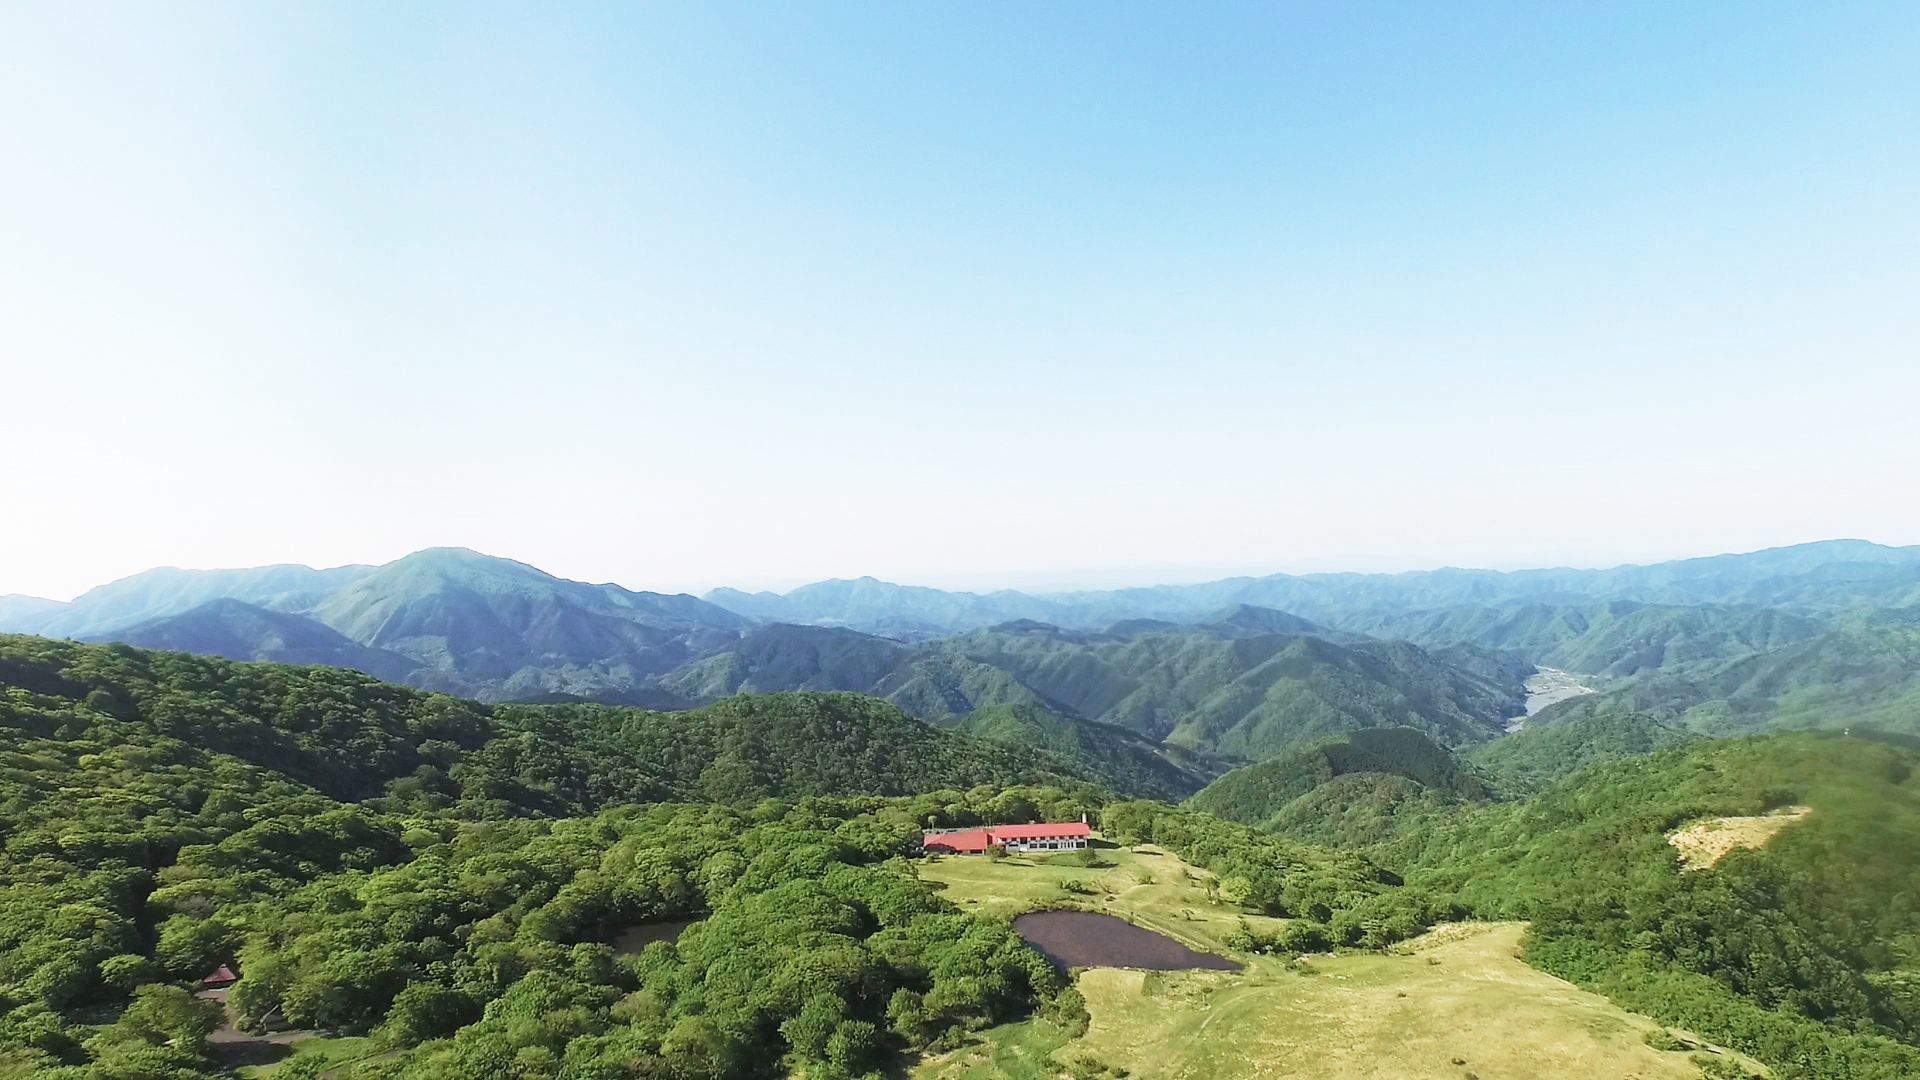 広島県の秘境にあるピクニックの聖地 休暇村吾妻山ロッジが2018年4月10日にオープン